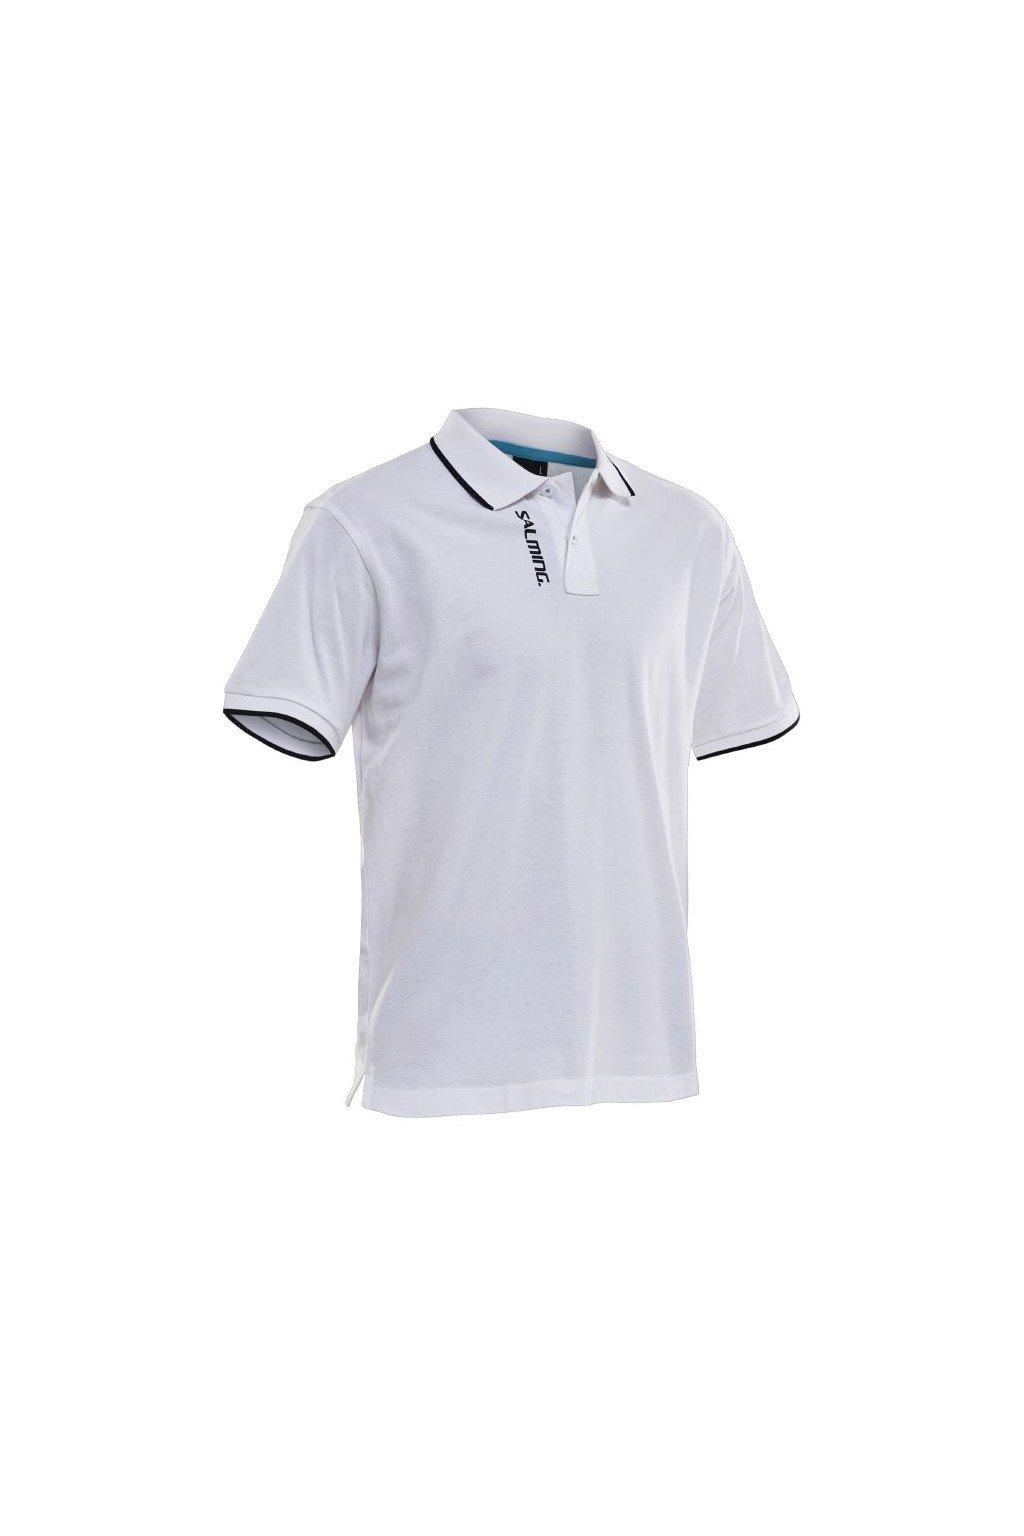 salming team polo men white xxxl